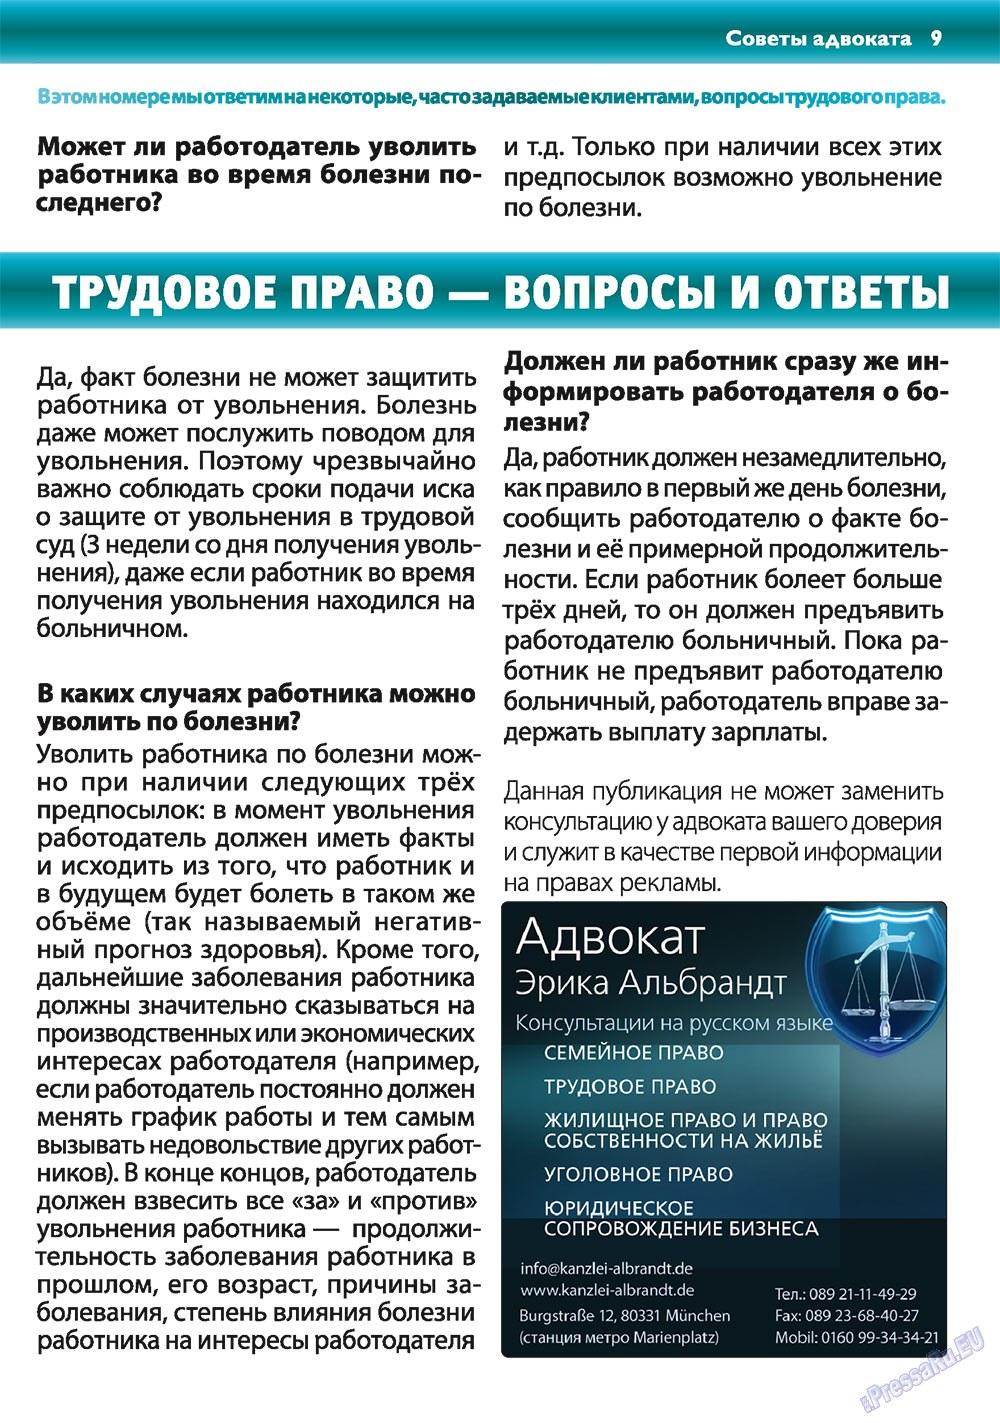 Апельсин (журнал). 2011 год, номер 22, стр. 9